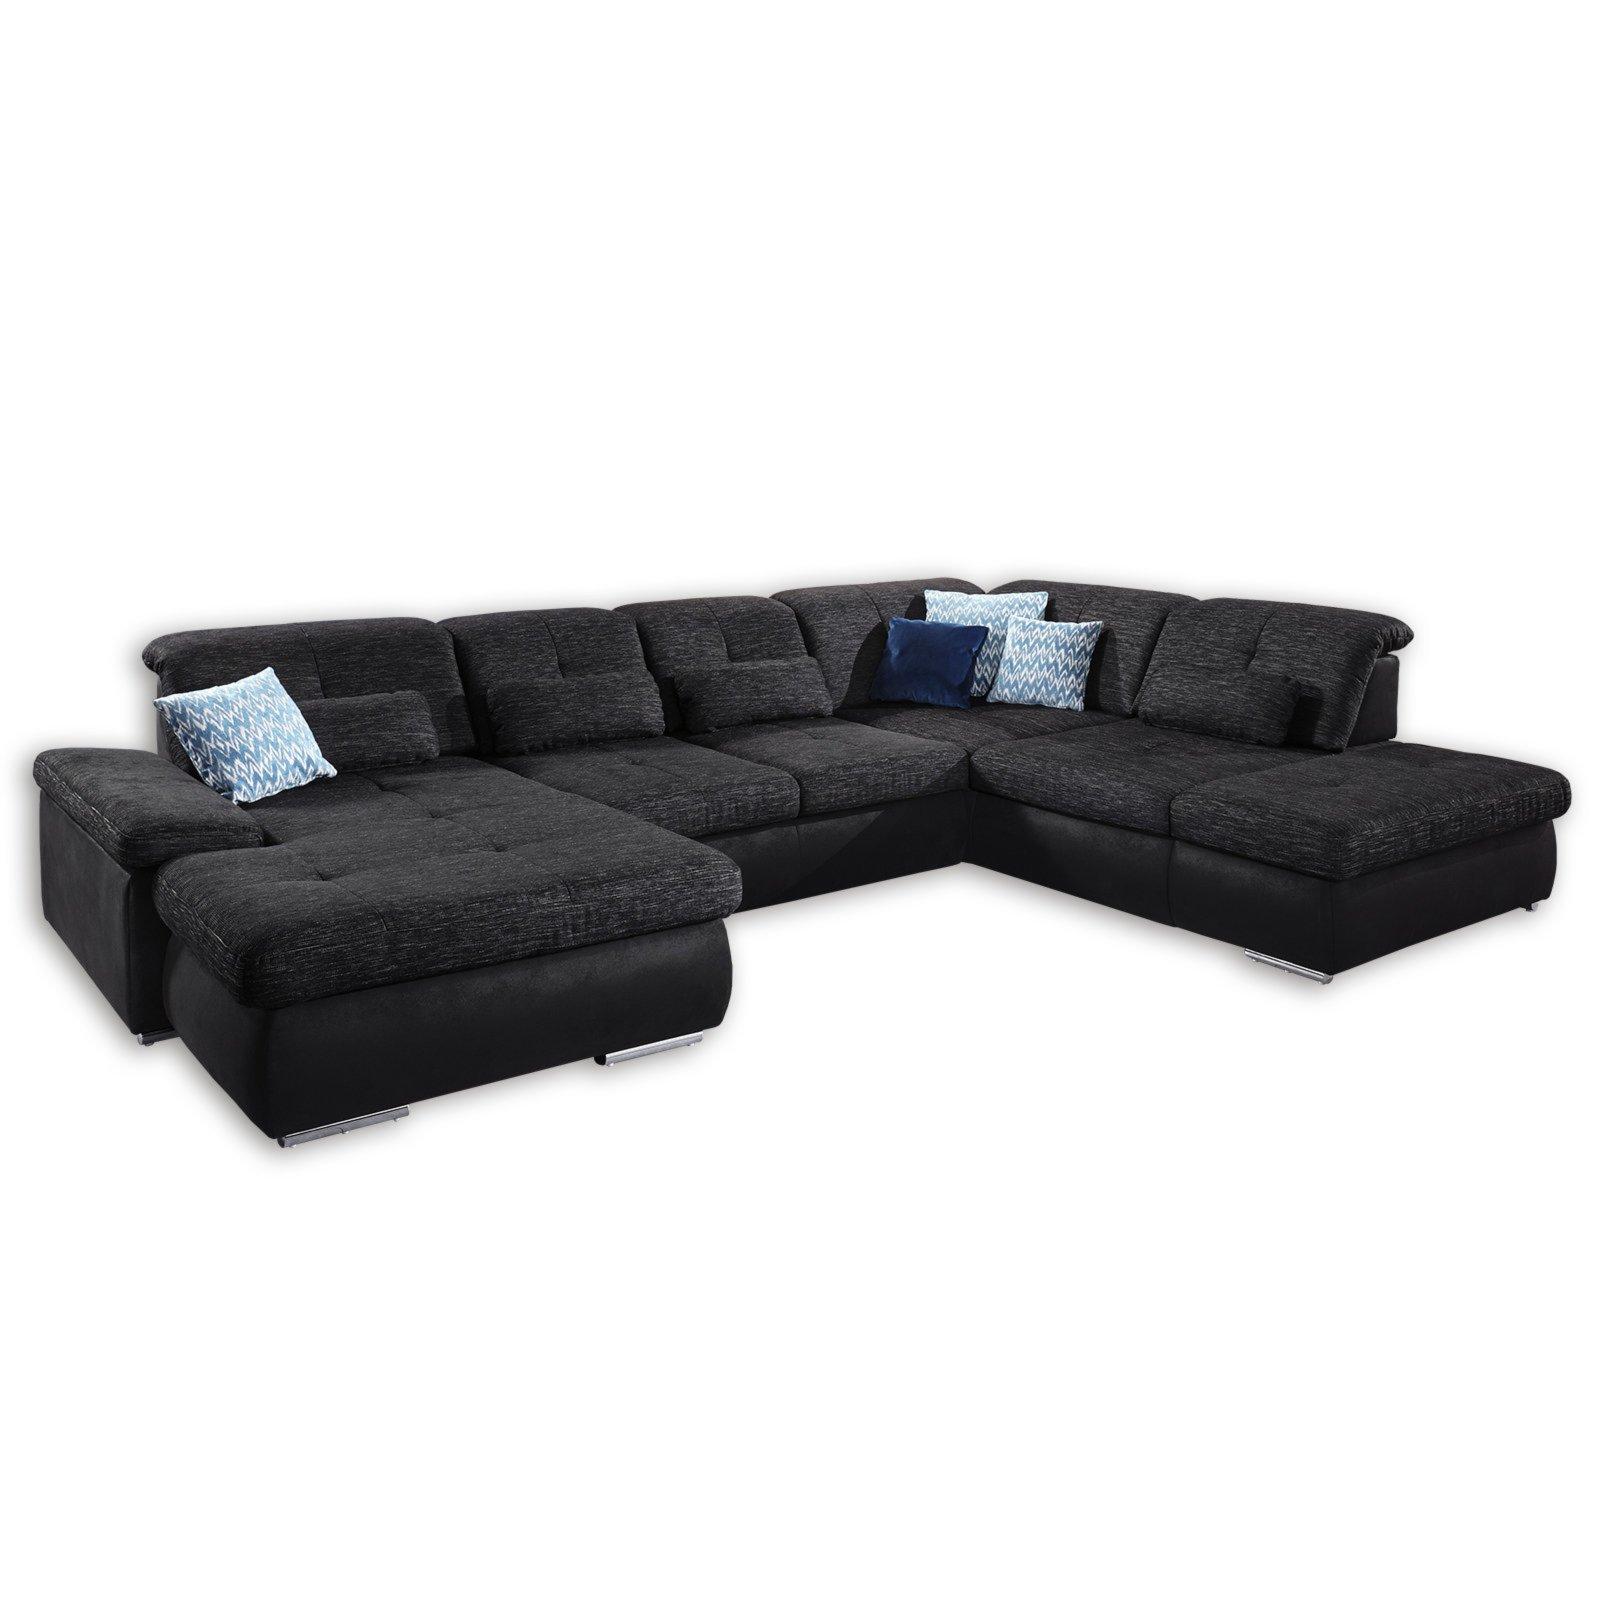 Verschiedene Sofa Sitztiefenverstellung Beste Wahl Wohnlandschaft - Anthrazit-schwarz -